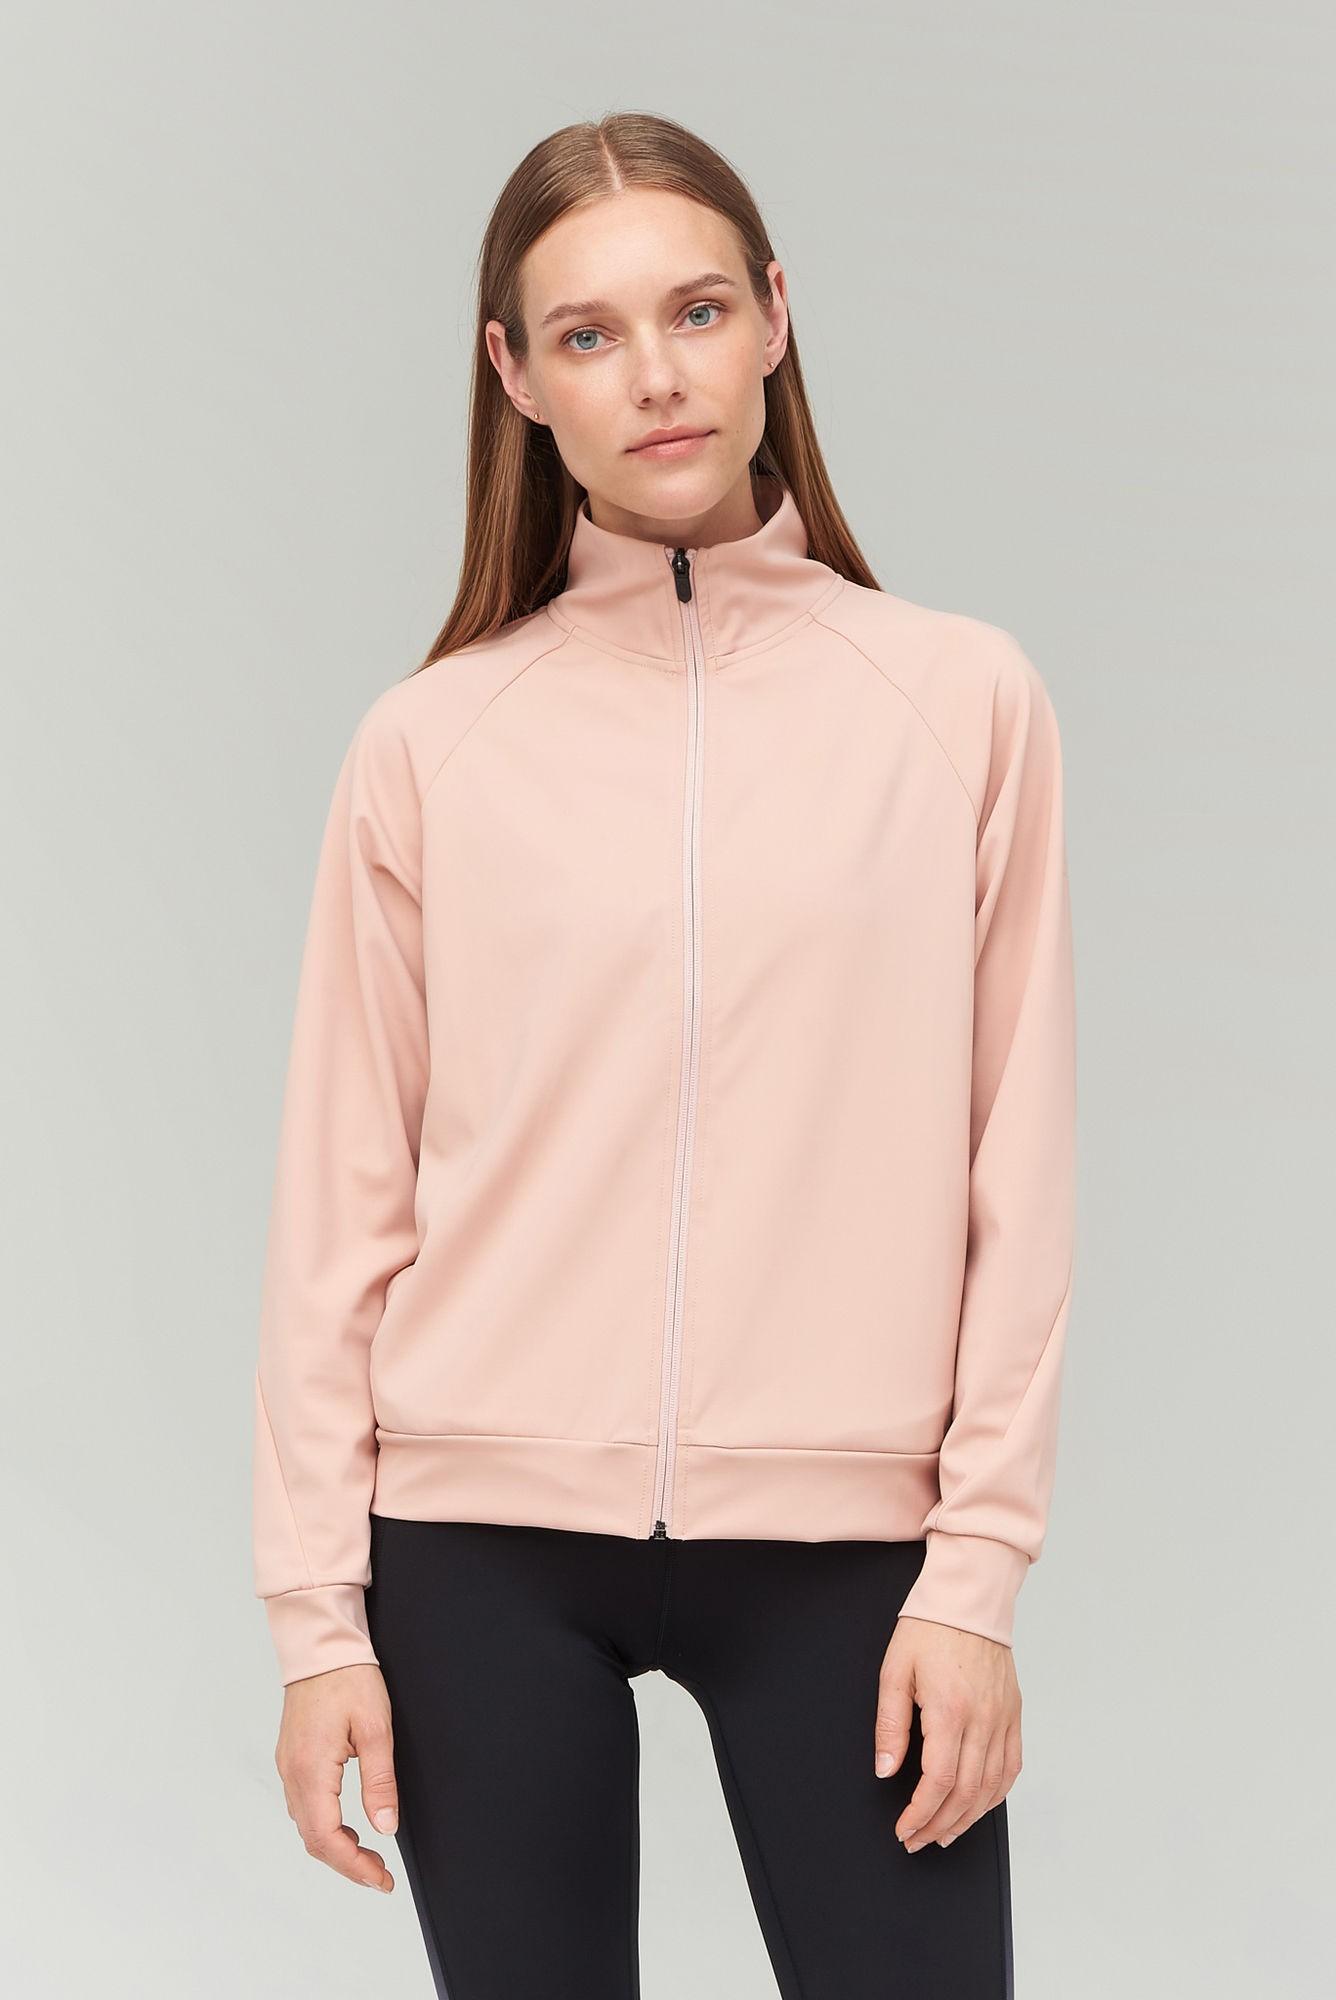 AUDIMAS Atsegamas funkcionalus džemperis 2021-058 Misty Rose S